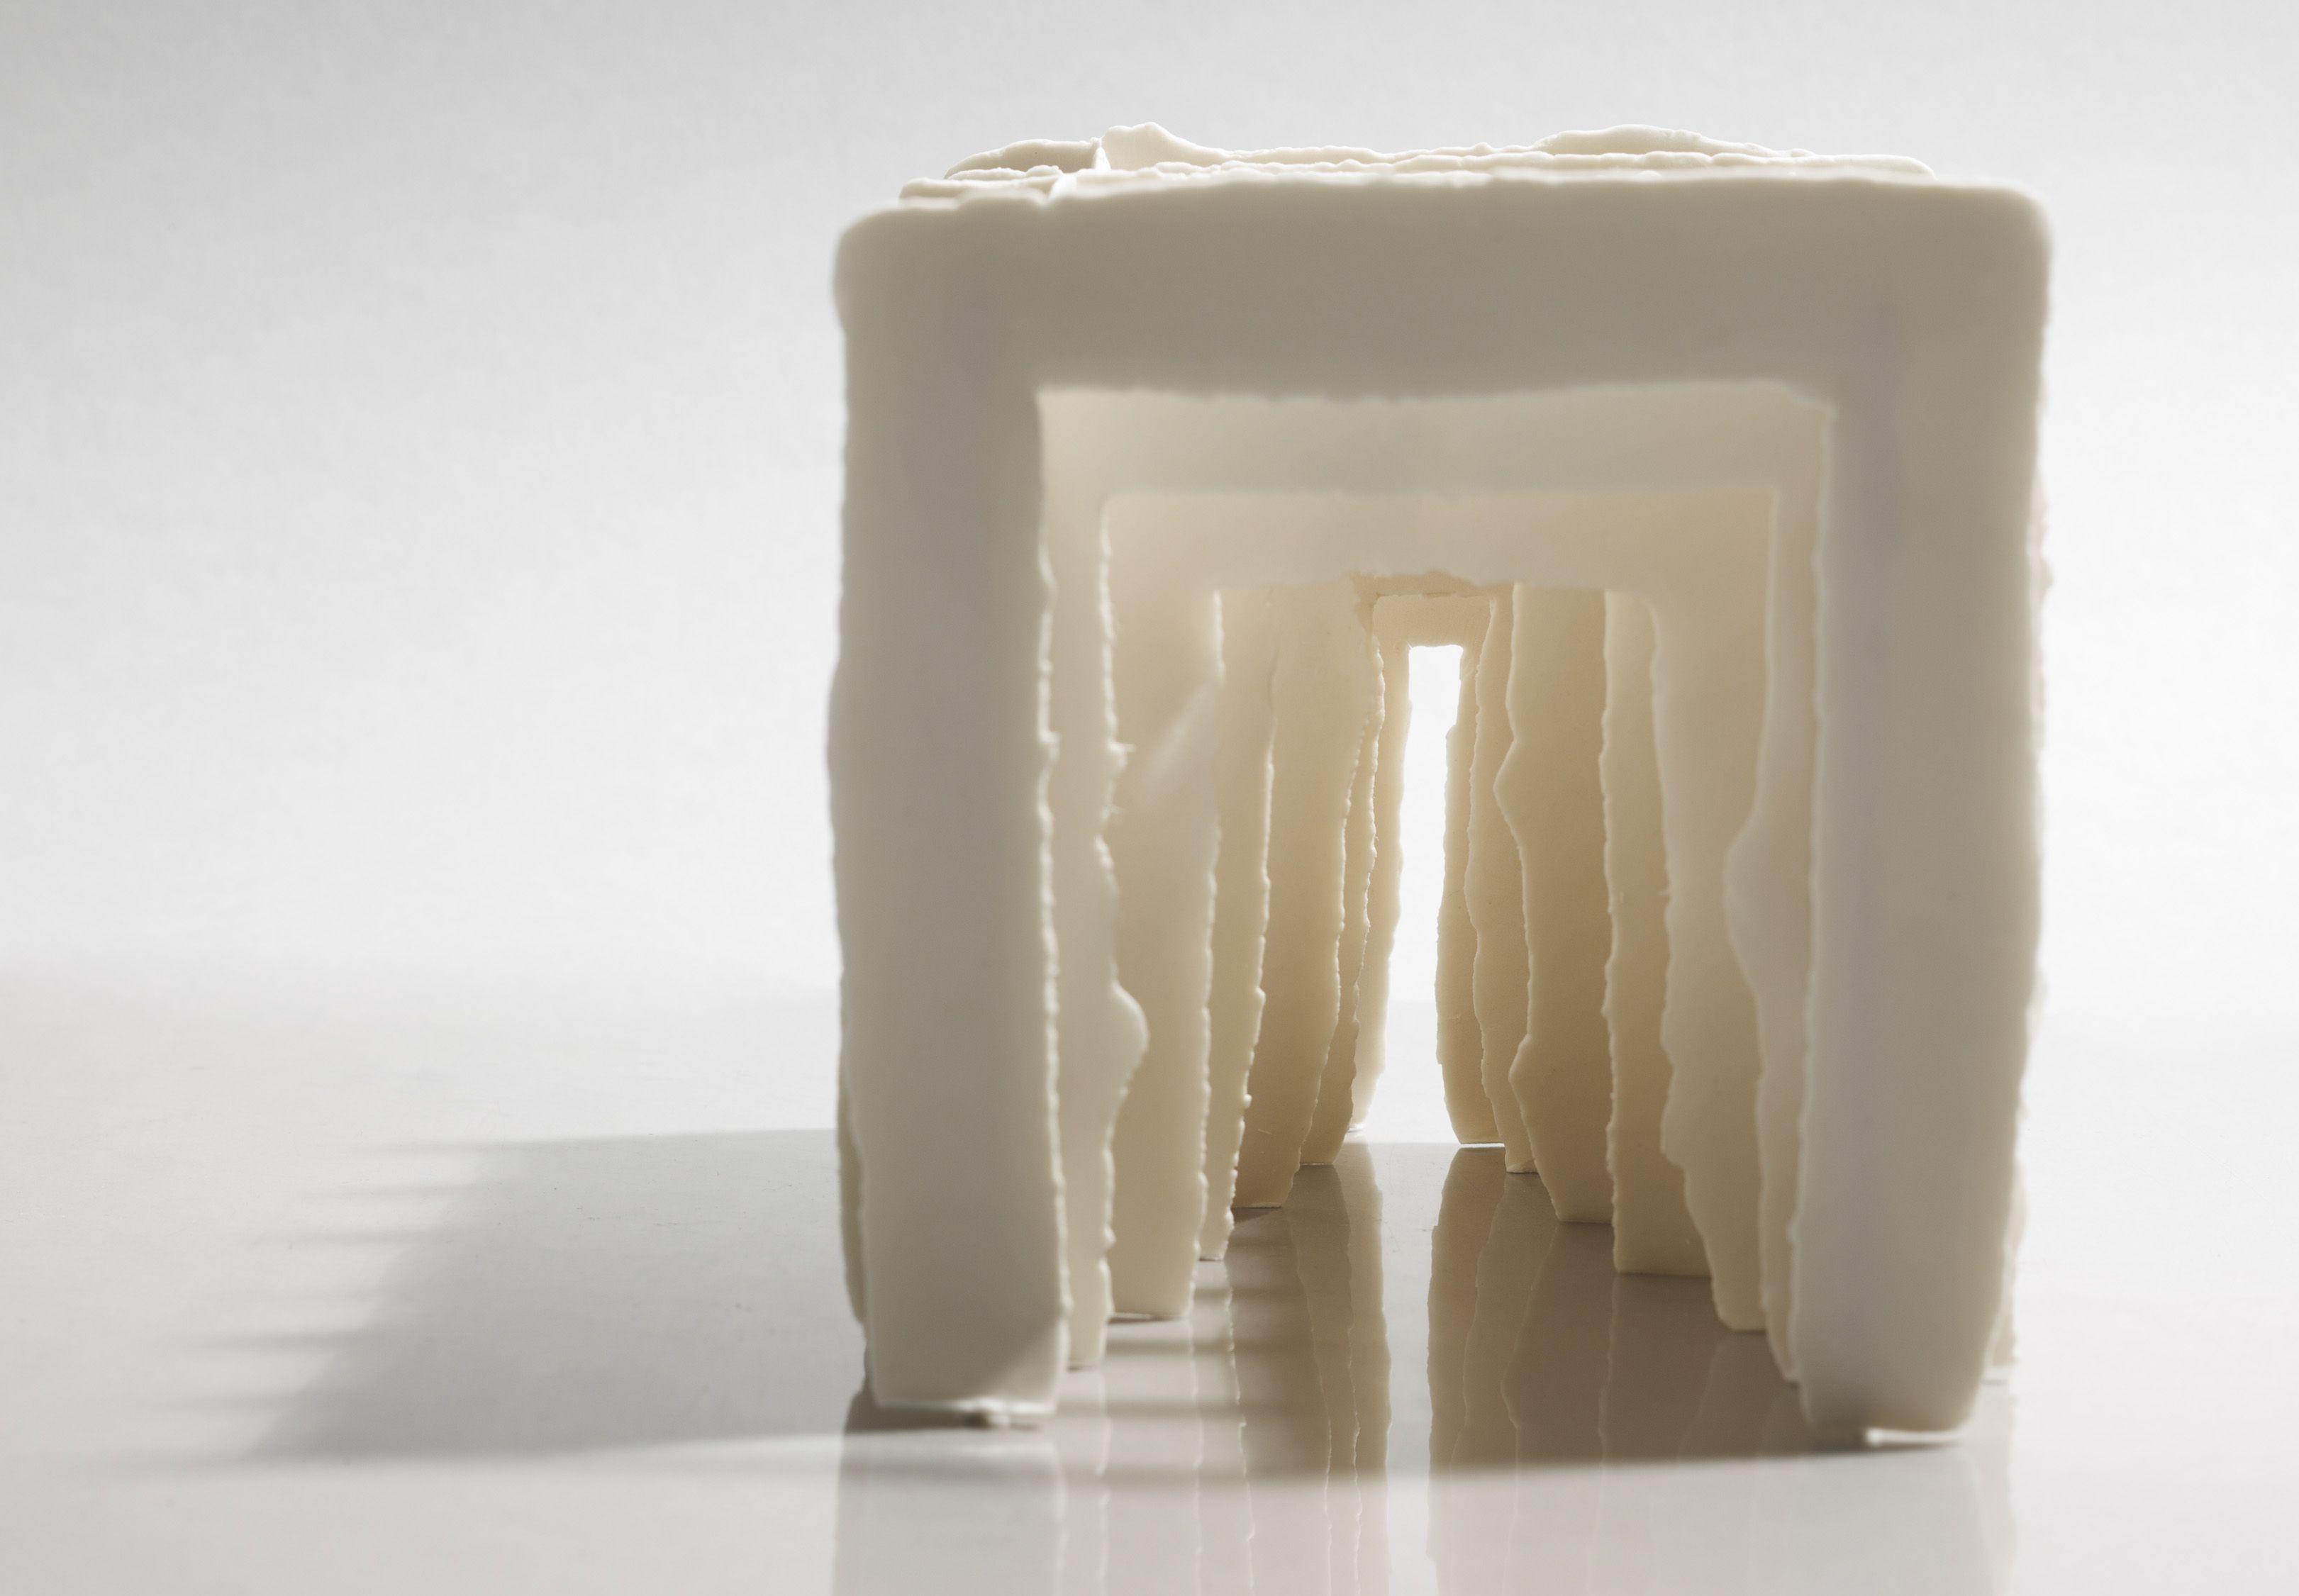 Porcelain Sculpture www.isobeleganceramics.com